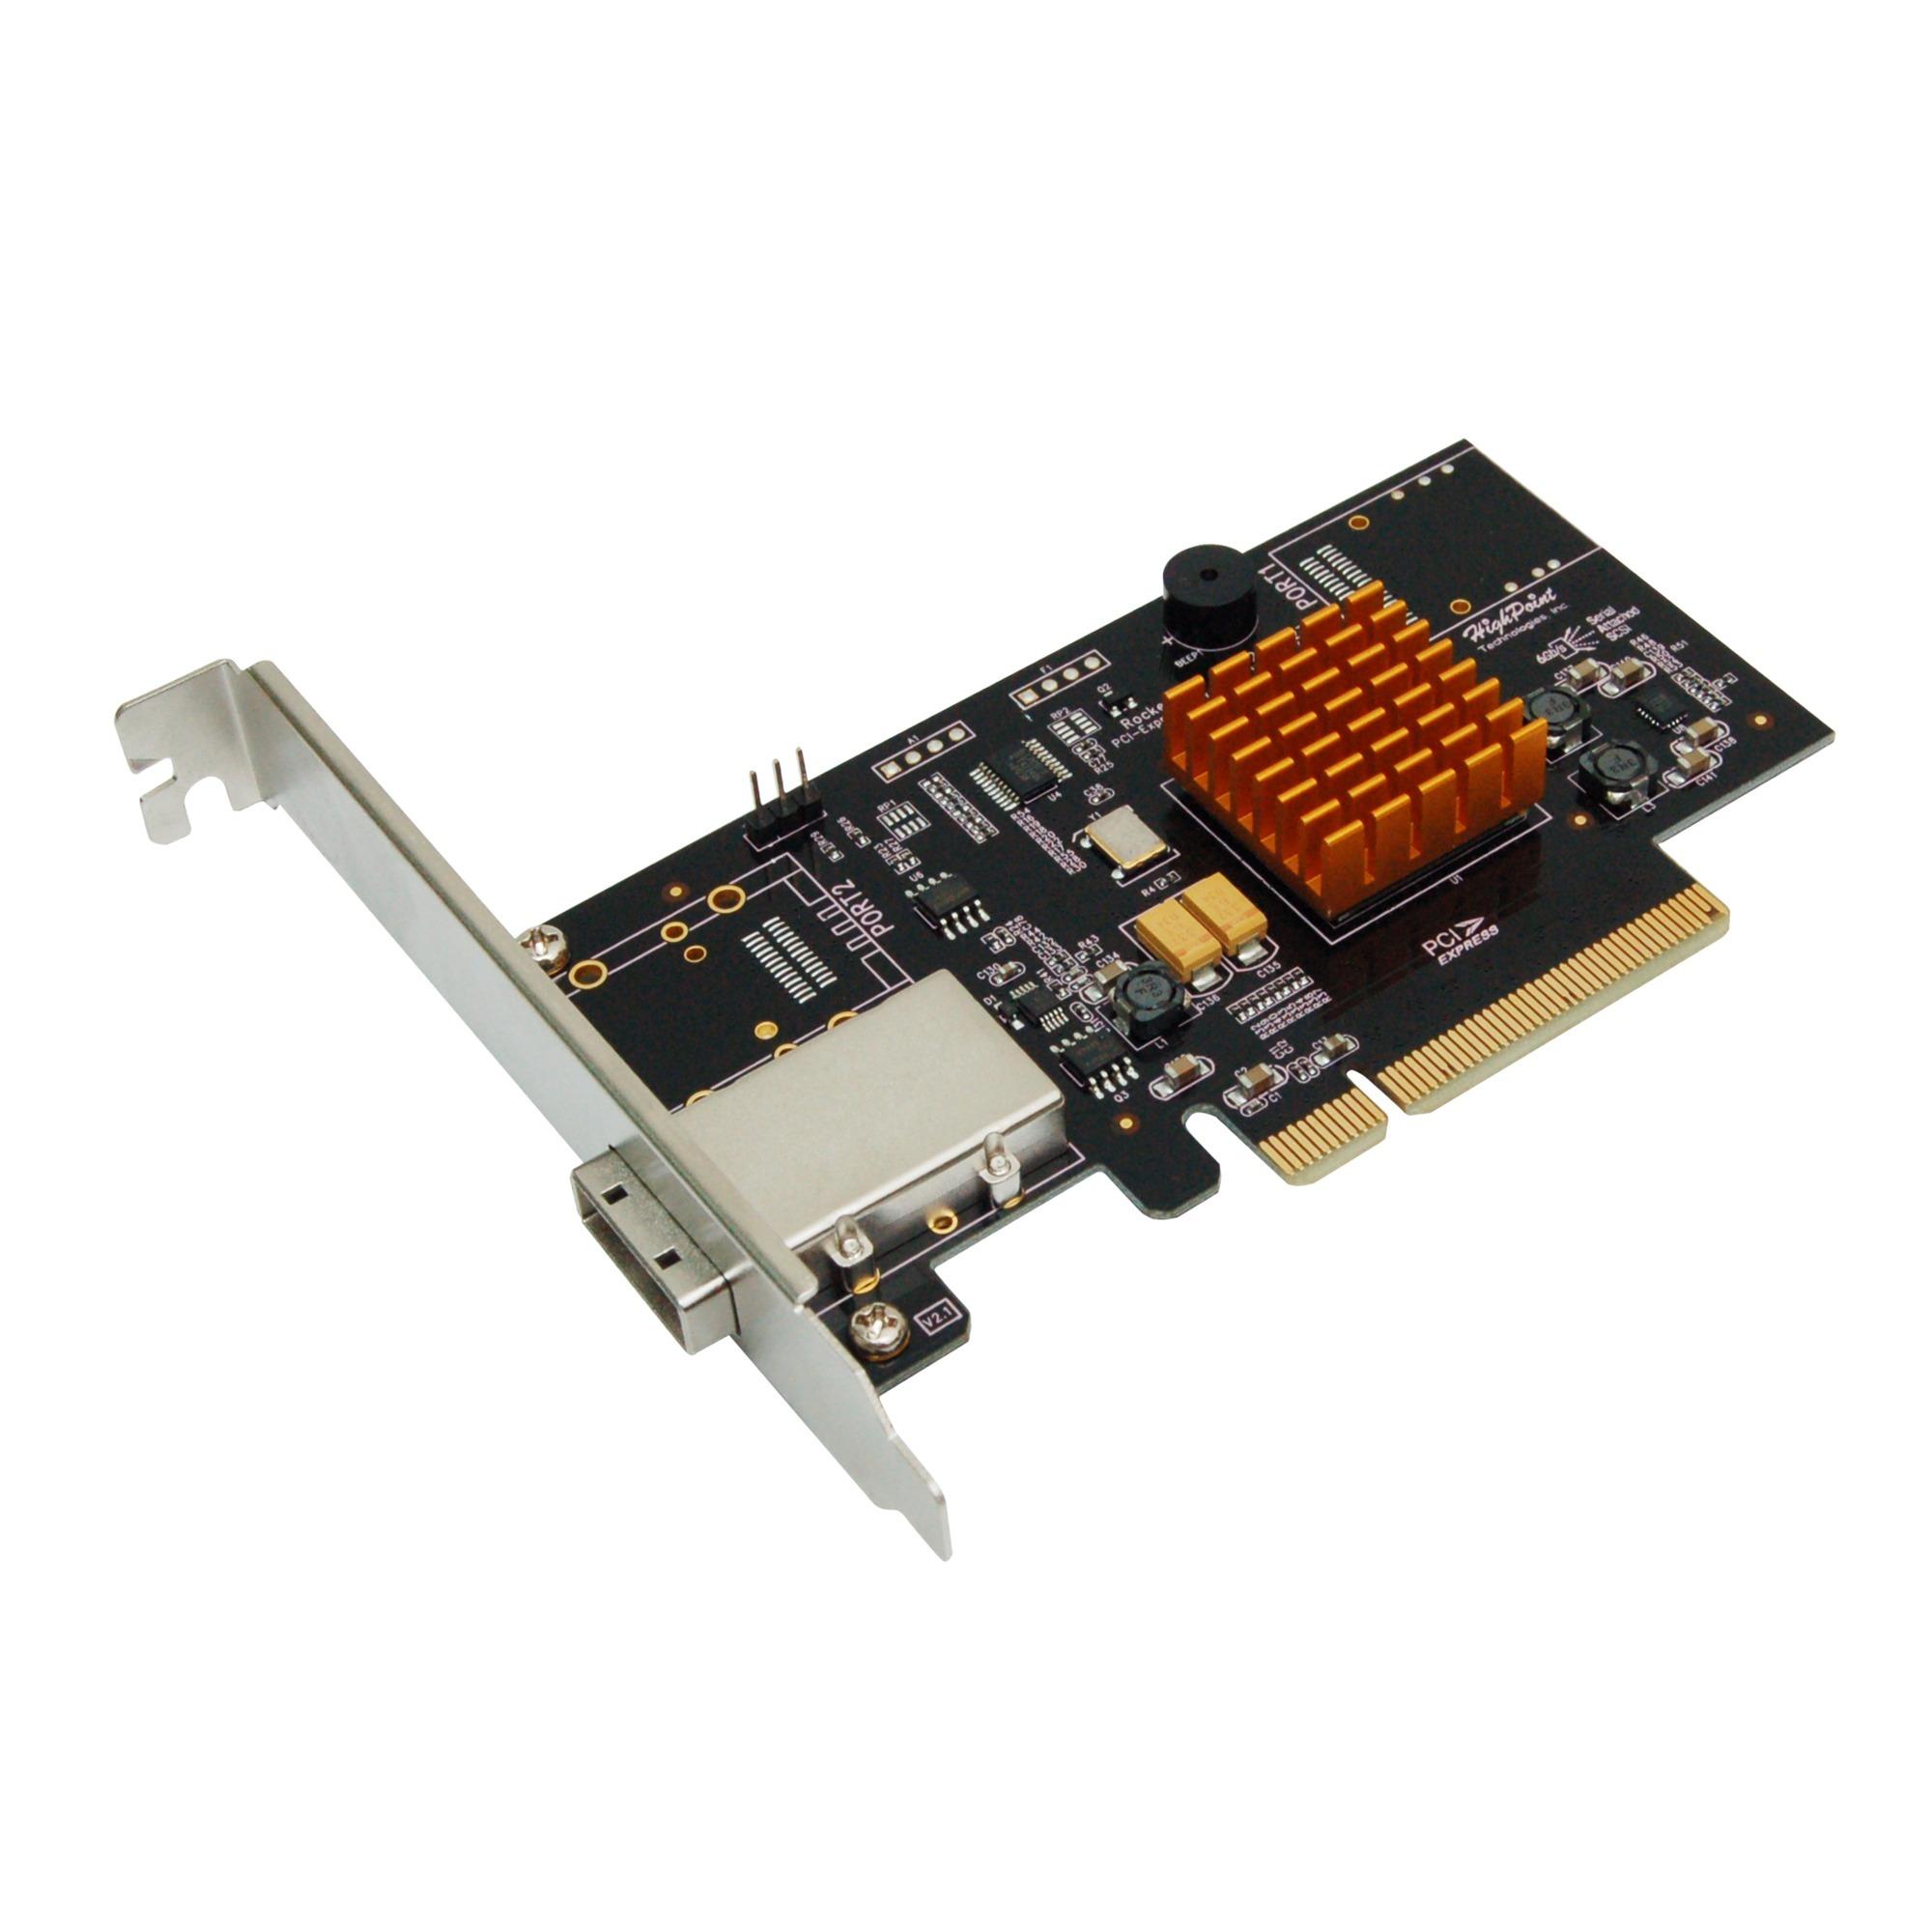 RocketRAID 2711 Interno mini SAS tarjeta y adaptador de interfaz, Controlador